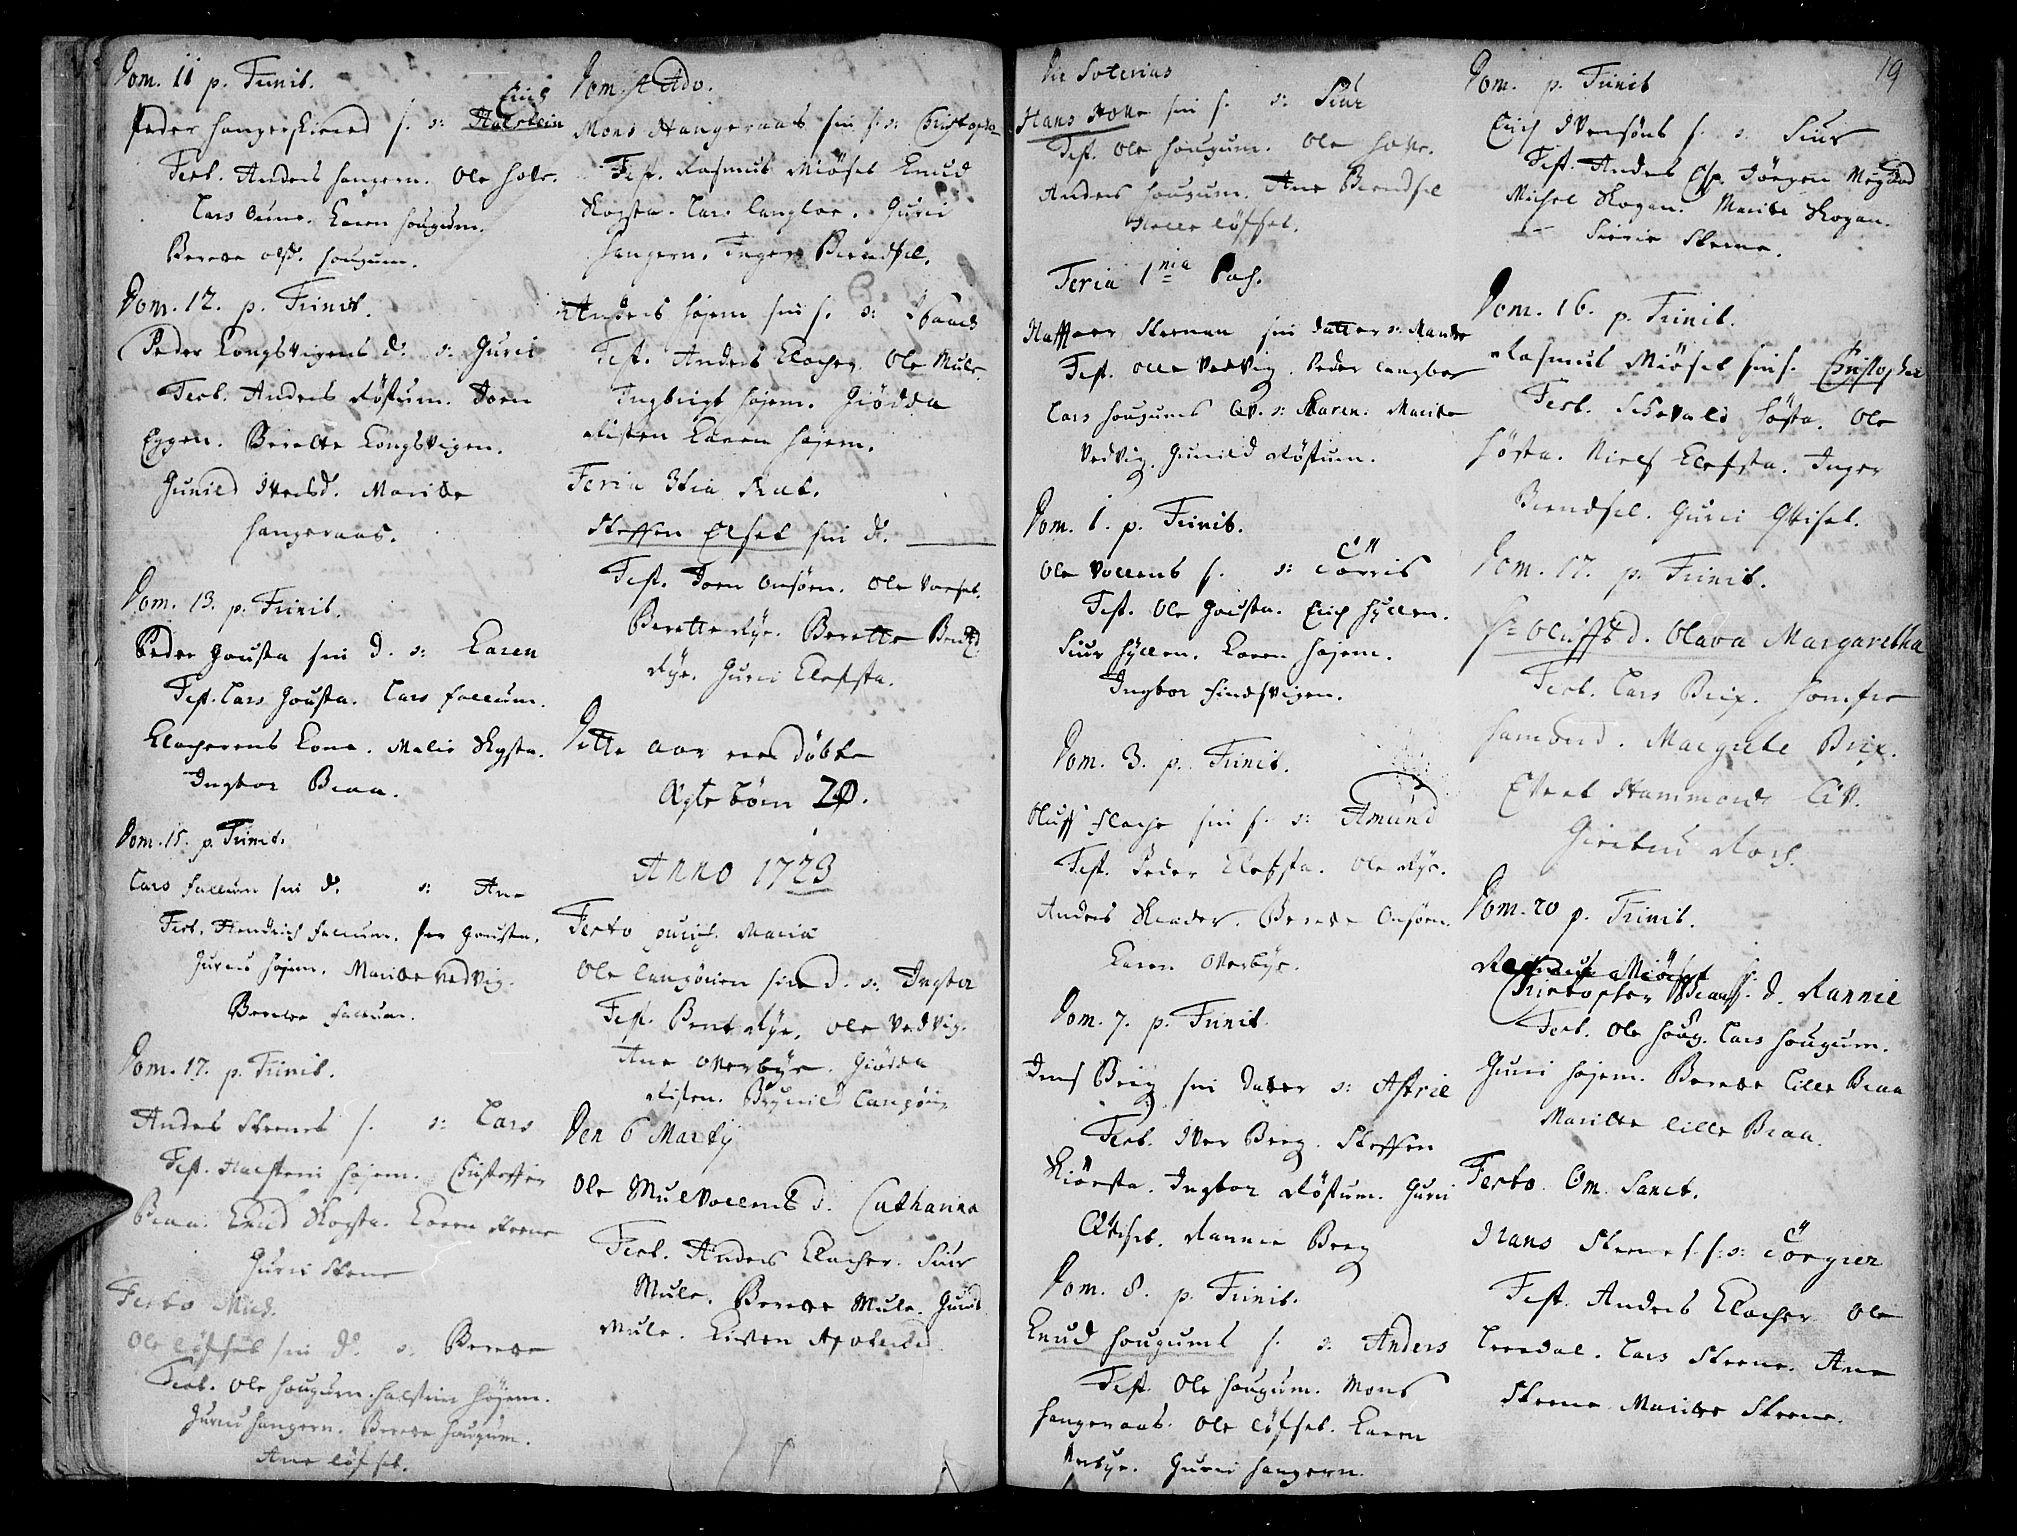 SAT, Ministerialprotokoller, klokkerbøker og fødselsregistre - Sør-Trøndelag, 612/L0368: Ministerialbok nr. 612A02, 1702-1753, s. 19